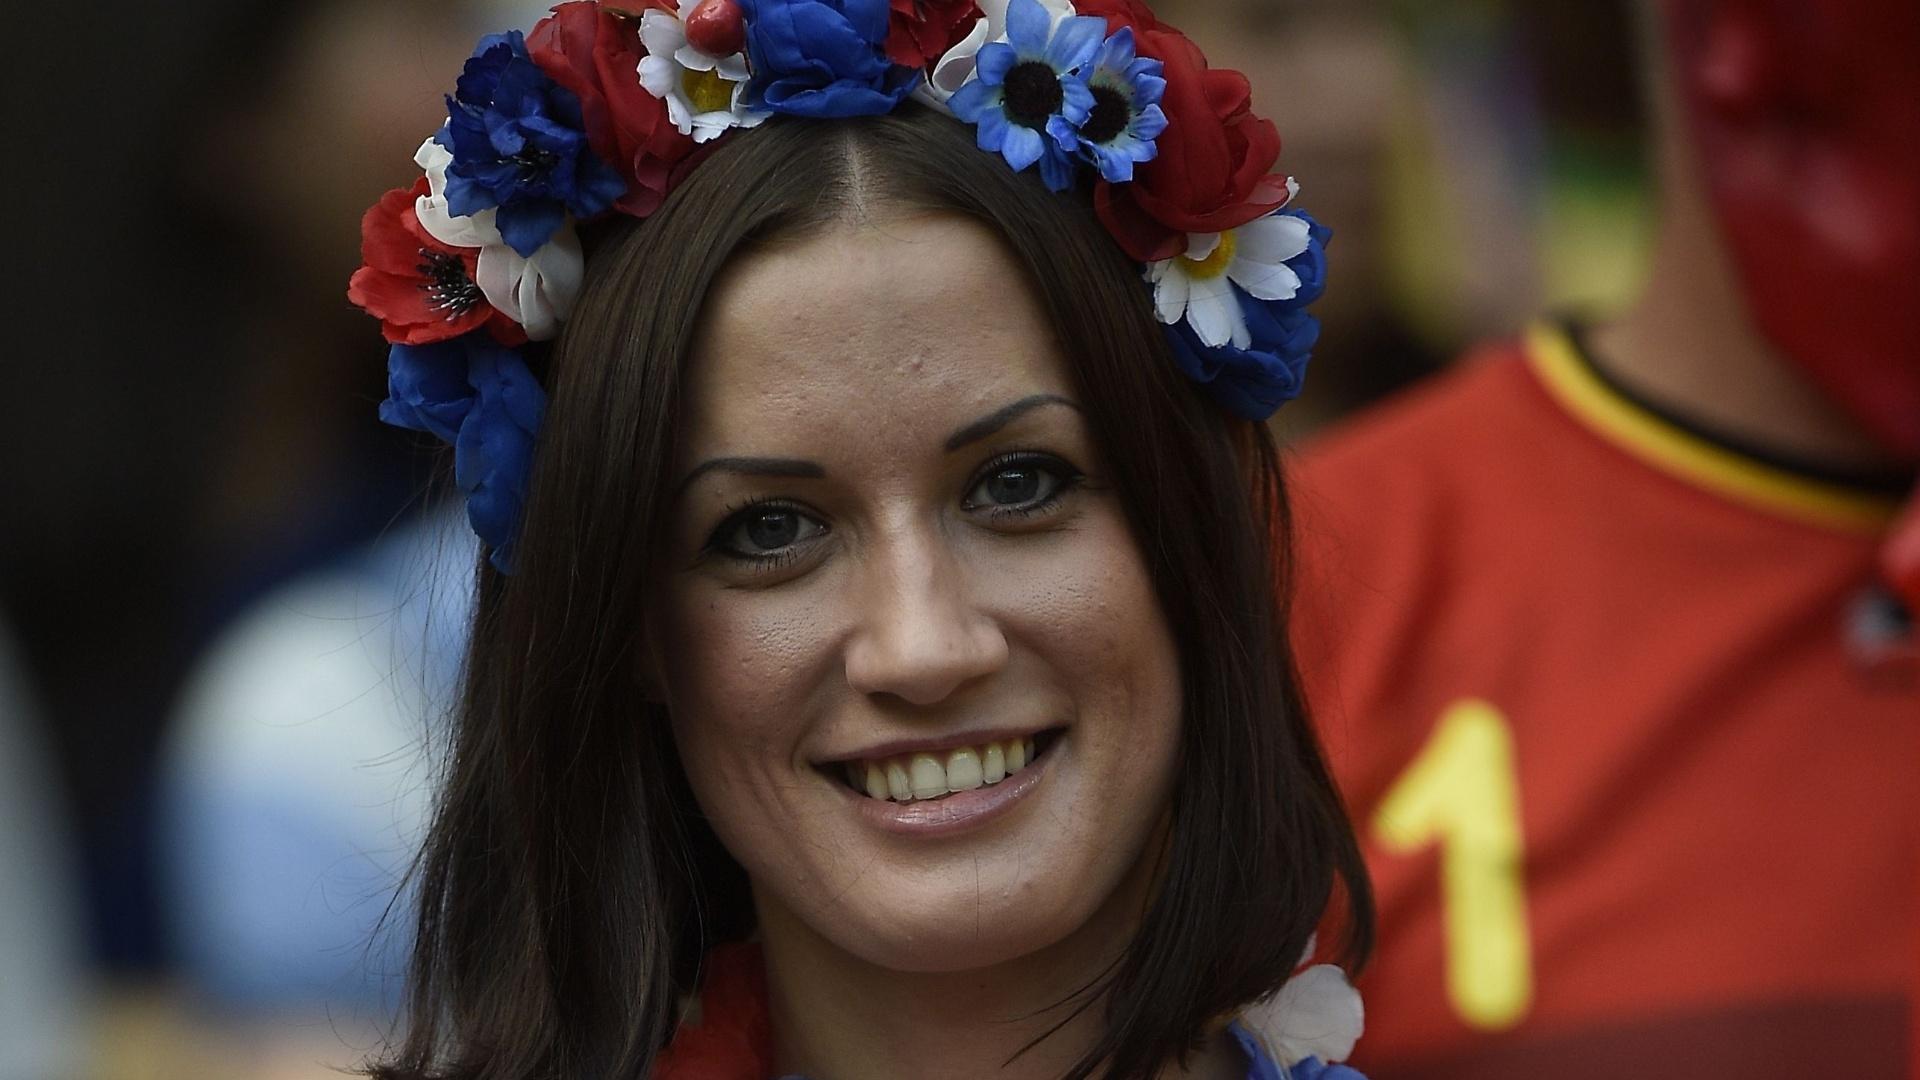 A bela russa escolheu acessórios floridos nas cores do país